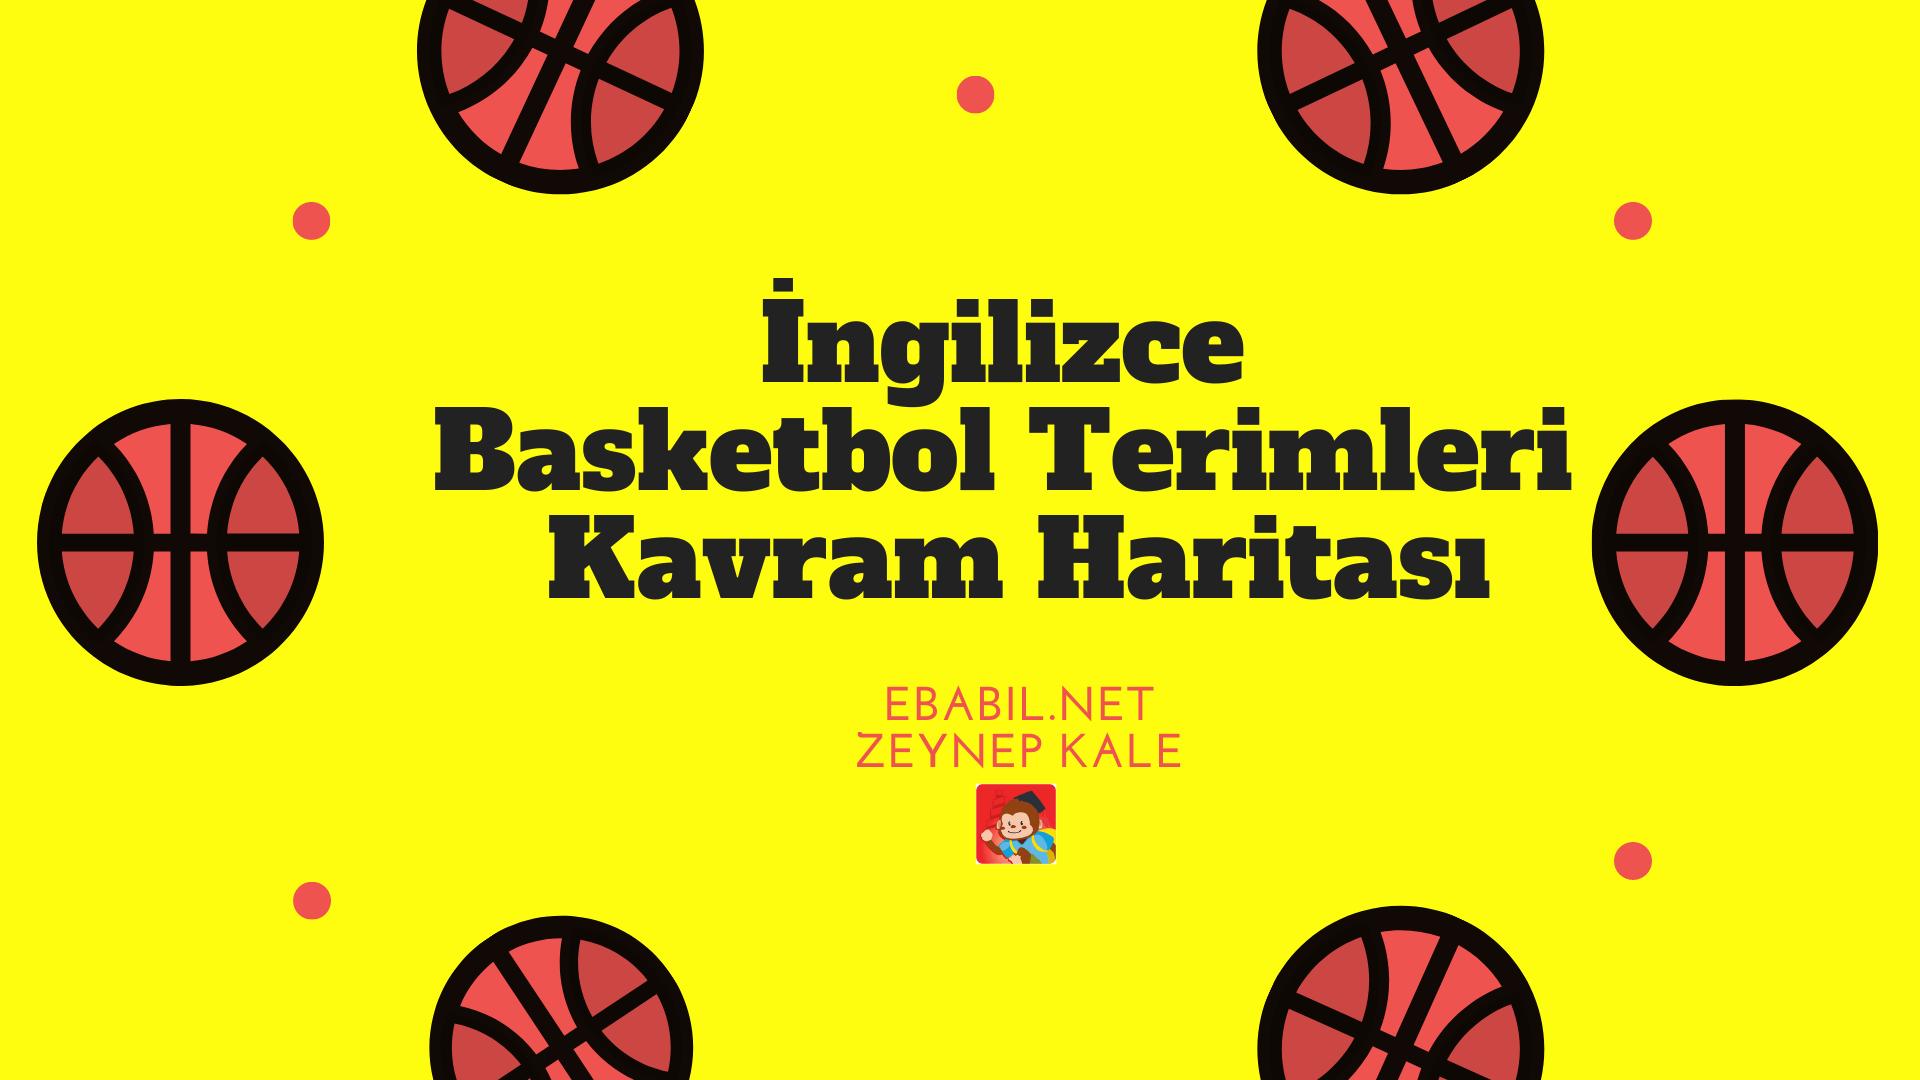 İngilizce Basketbol Terimleri Kavram Haritası Afişi